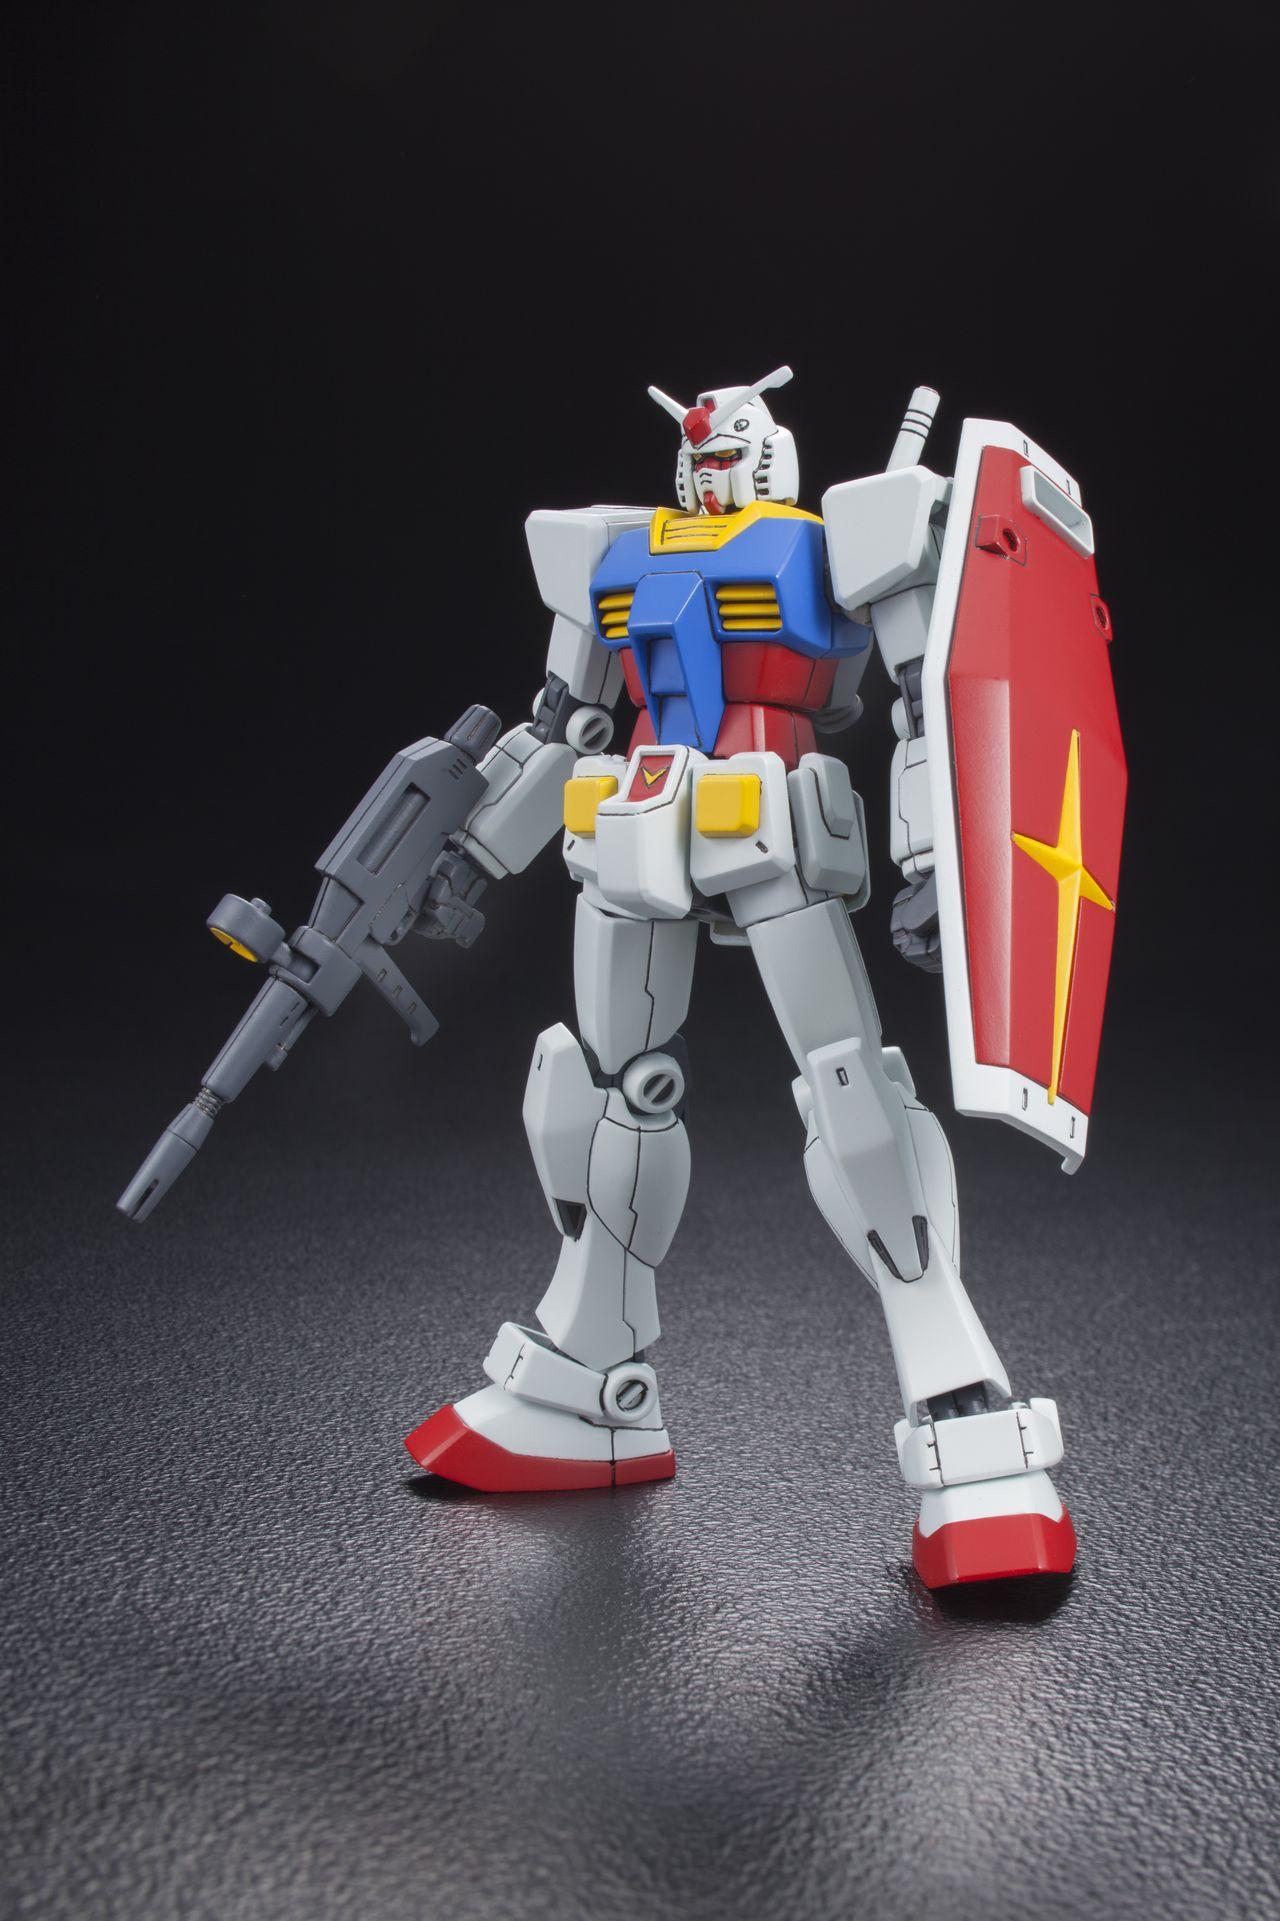 Модель «Гандам HGUC1/144 RX-78-2», выпущенная в честь 35-летней годовщины появления пластиковой фигурки (производитель Bandai, фото Jiji Press).